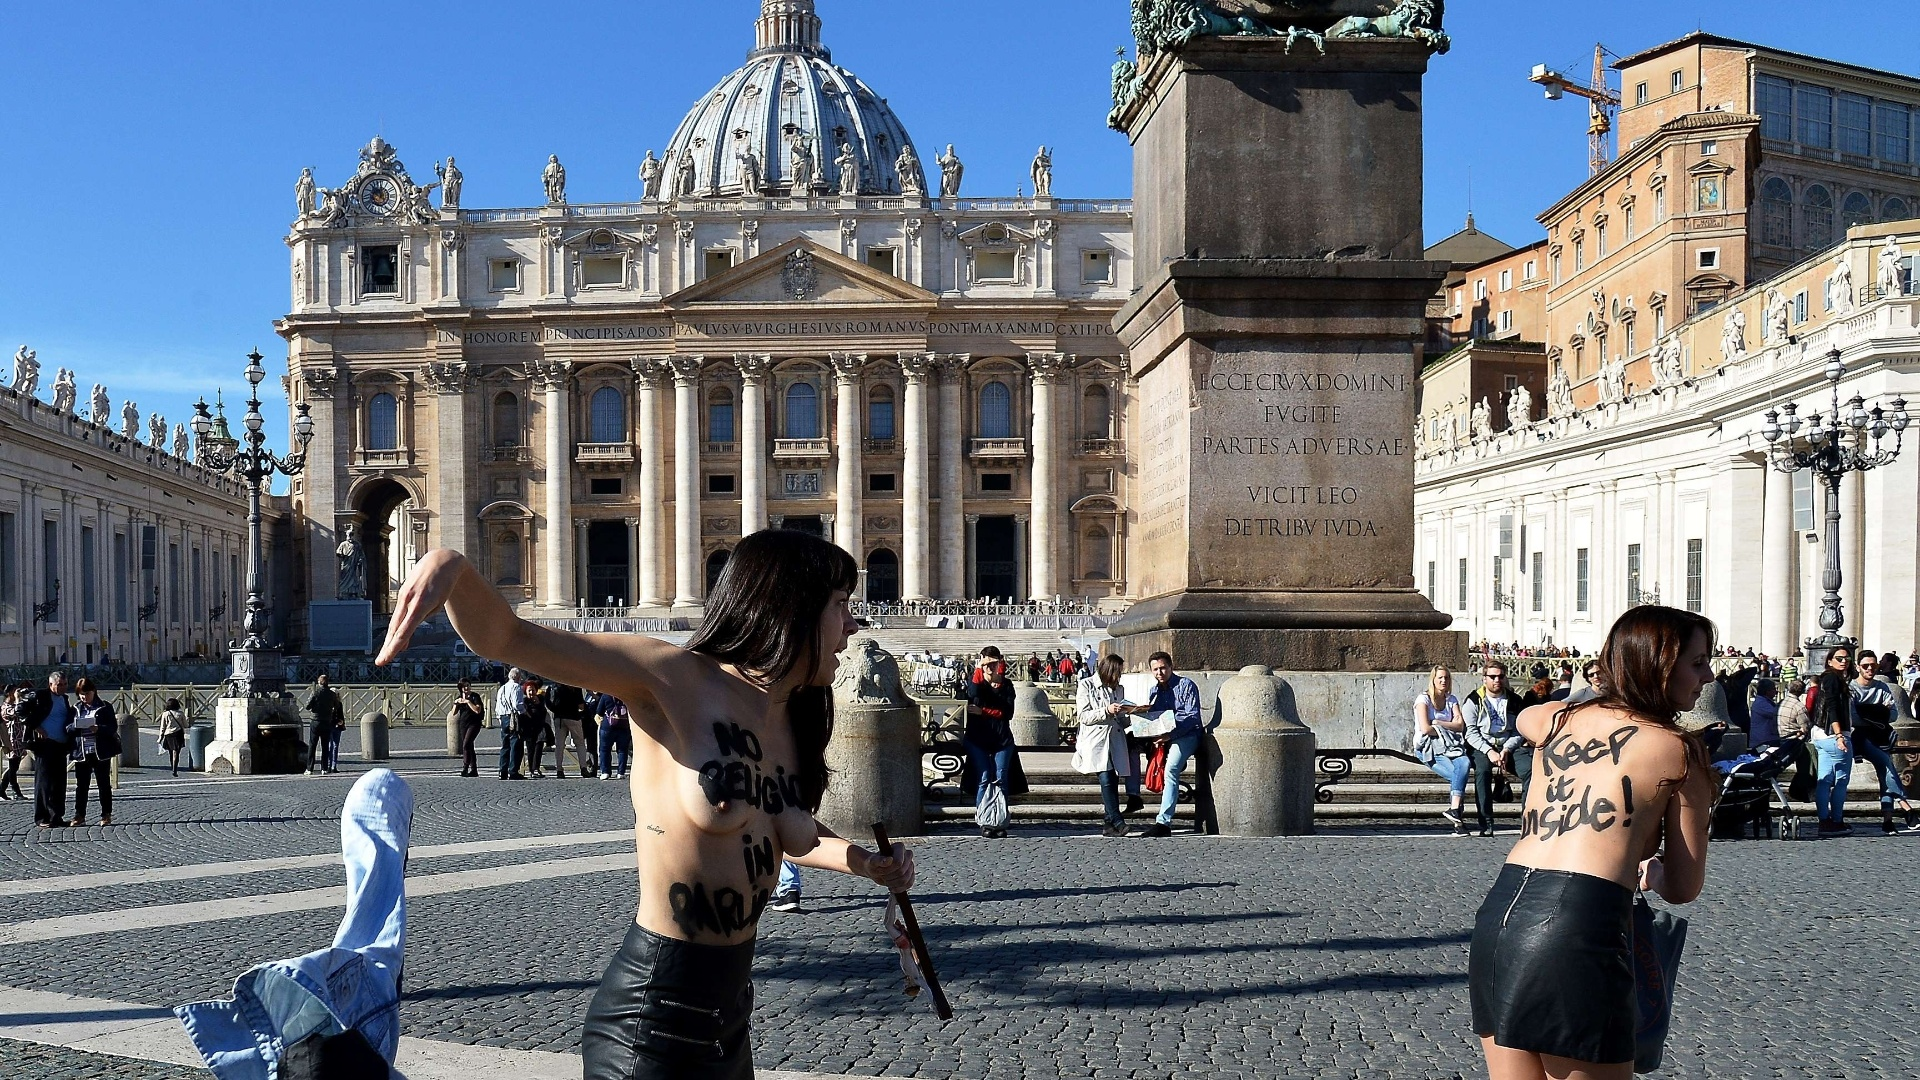 14.nov.2014 - Três ativistas do Femen protestam contra a visita do papa Francisco ao parlamento da União Europeia, na praça São Pedro, no Vaticano. As manifestantes pediam o fim da influência religiosa nas decisões políticas